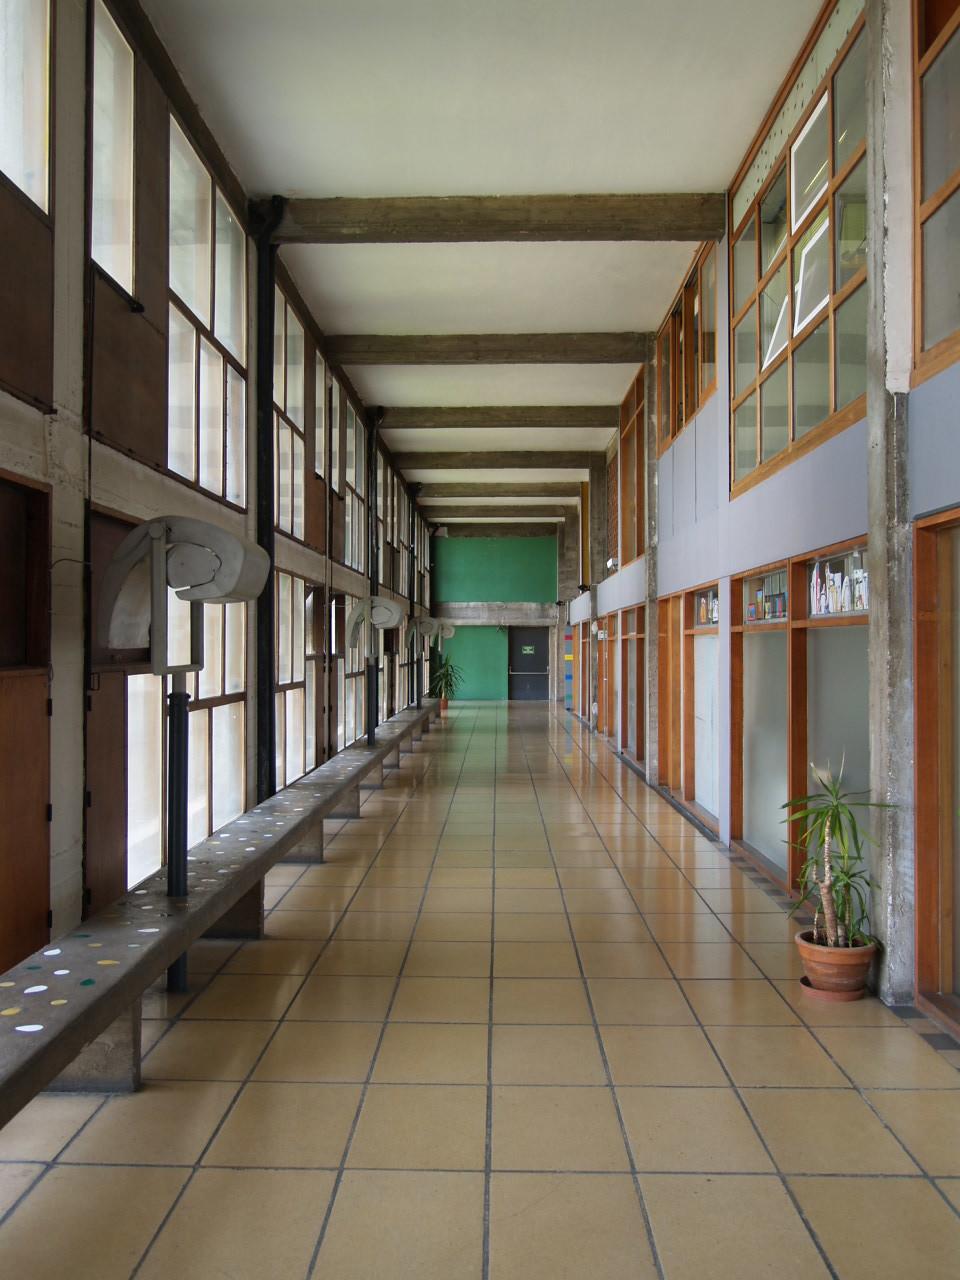 廊下も、れっきとした建築空間です_c0070136_10511986.jpg